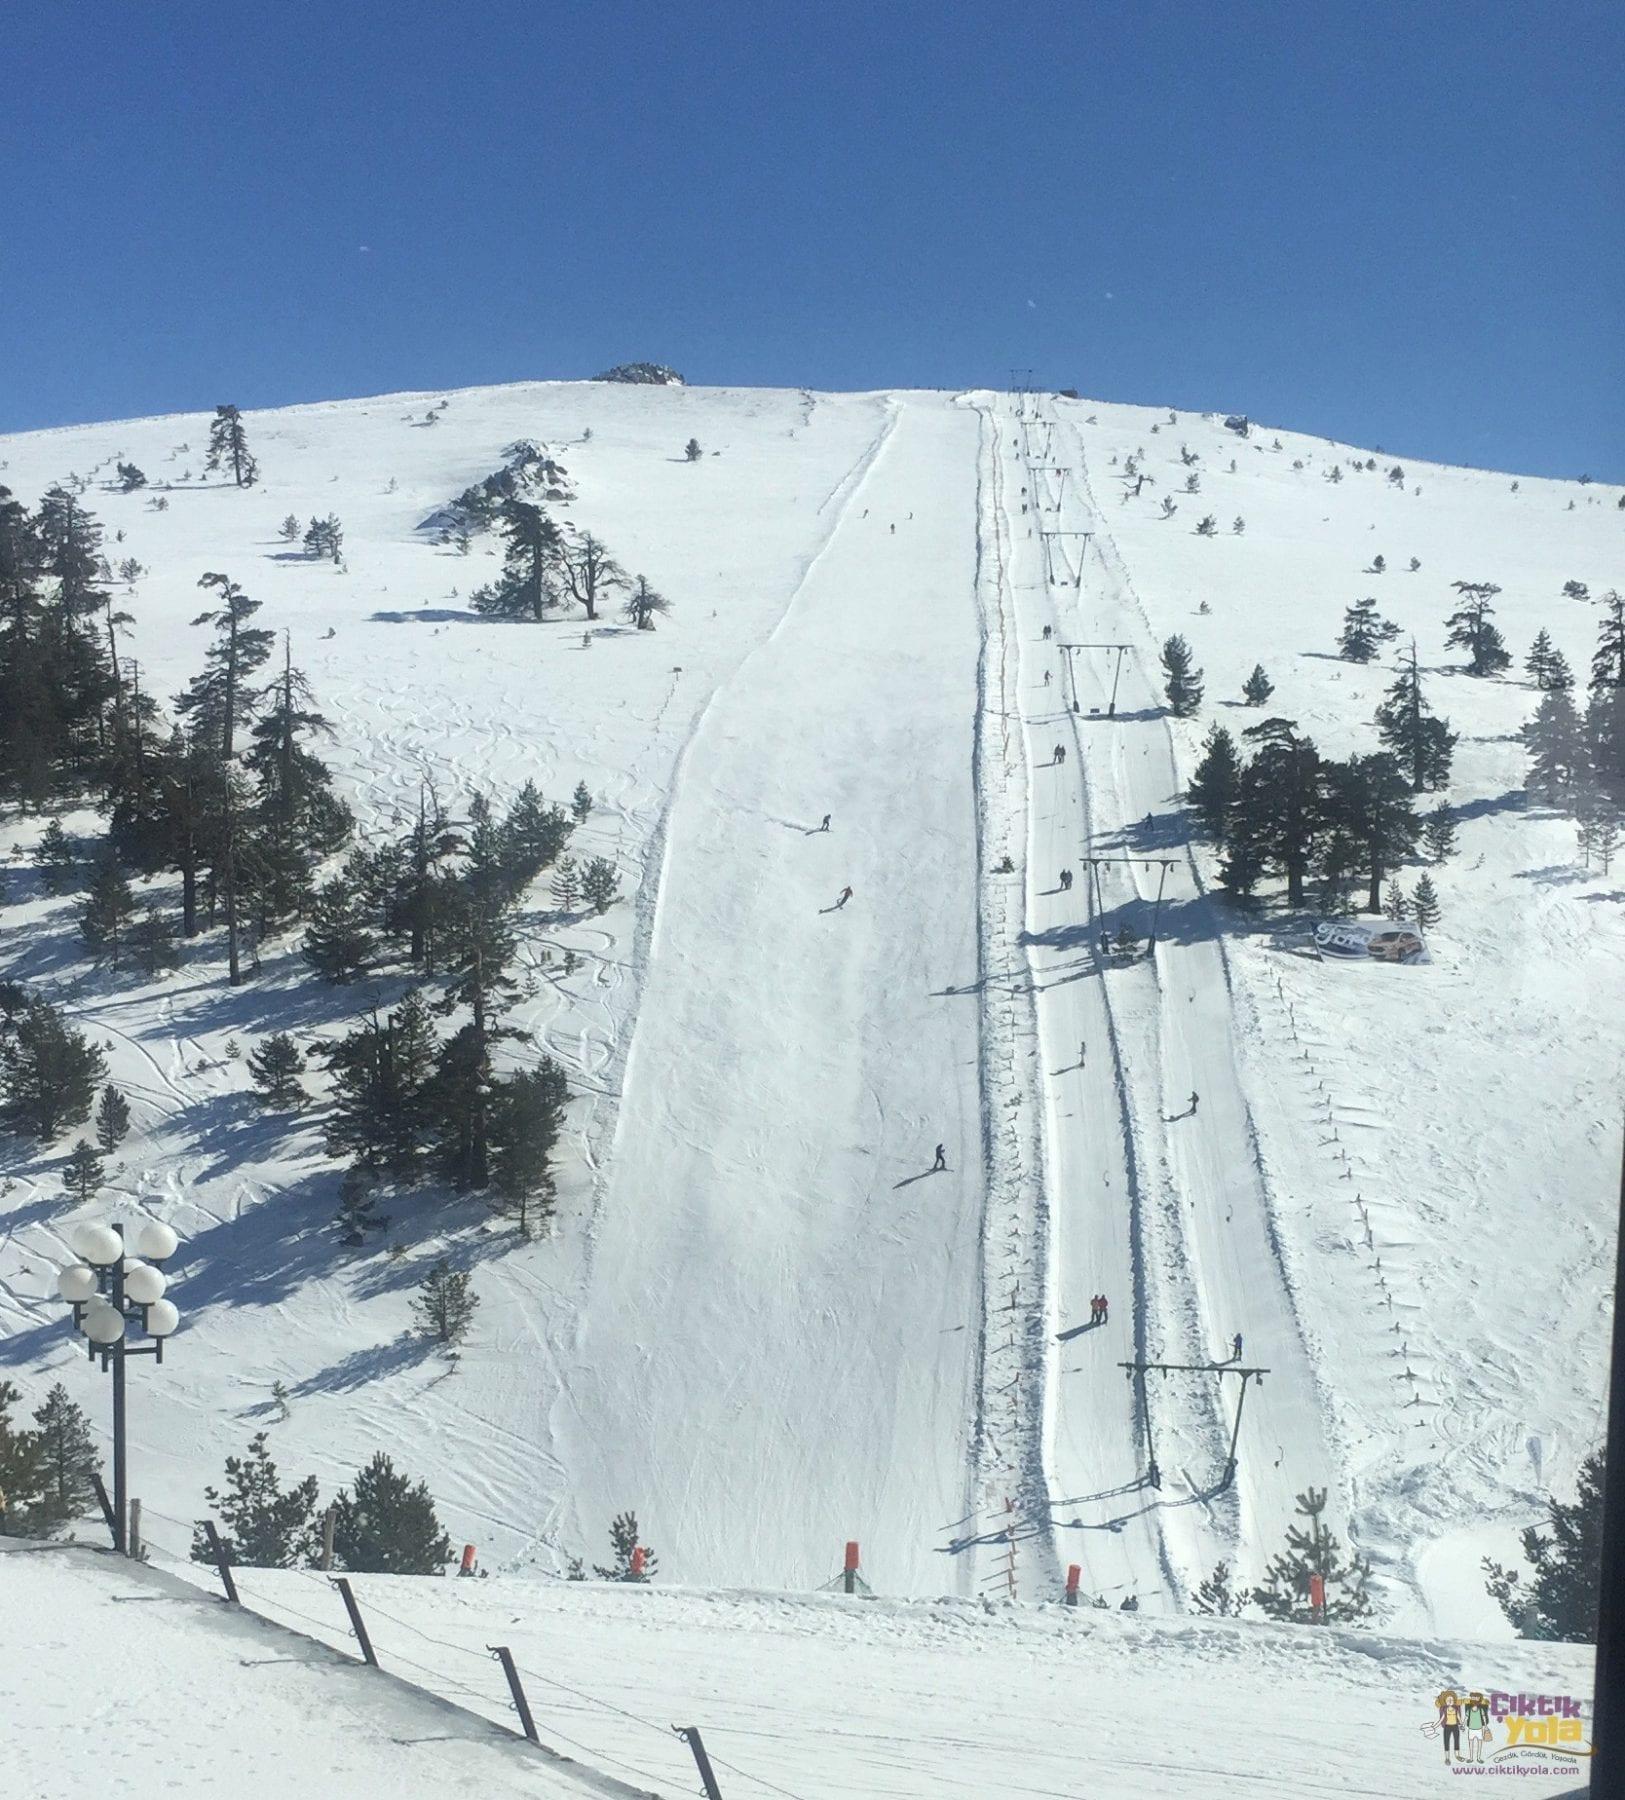 Turkiye Deki Kayak Merkezleri En Iyi Kayak Merkezi Hangisi